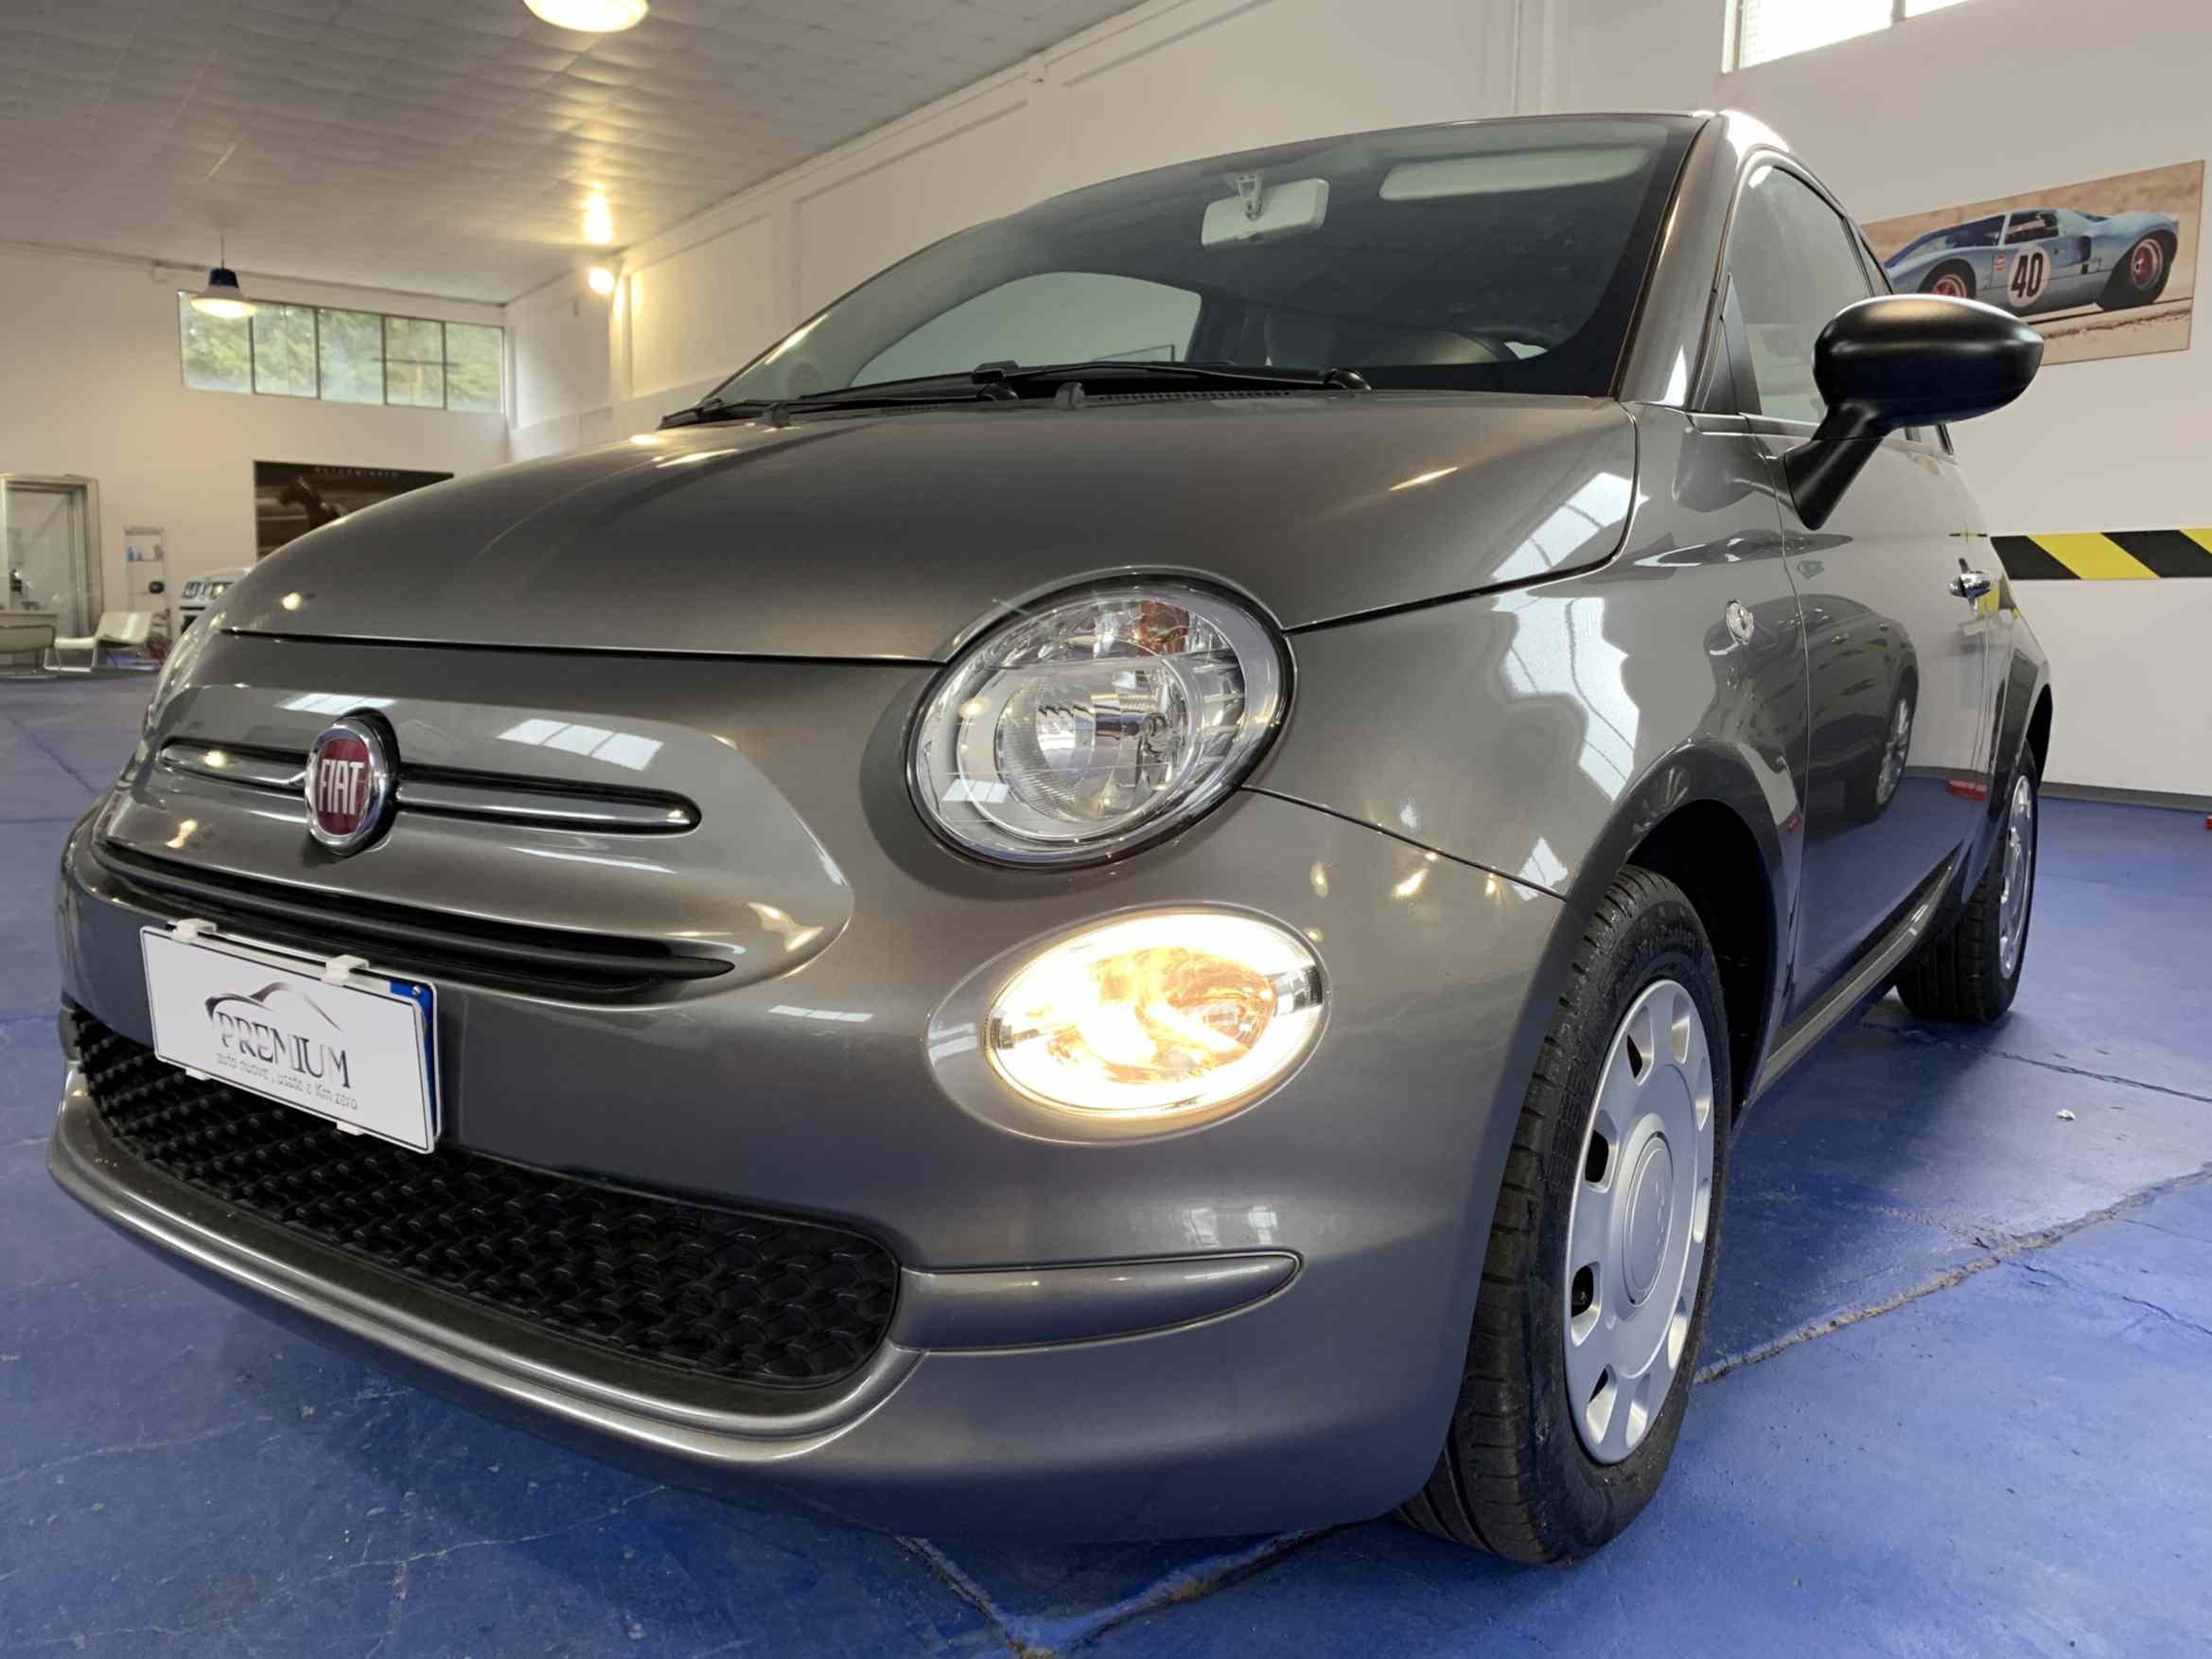 premium_vendita_auto_enna_sicilia_39